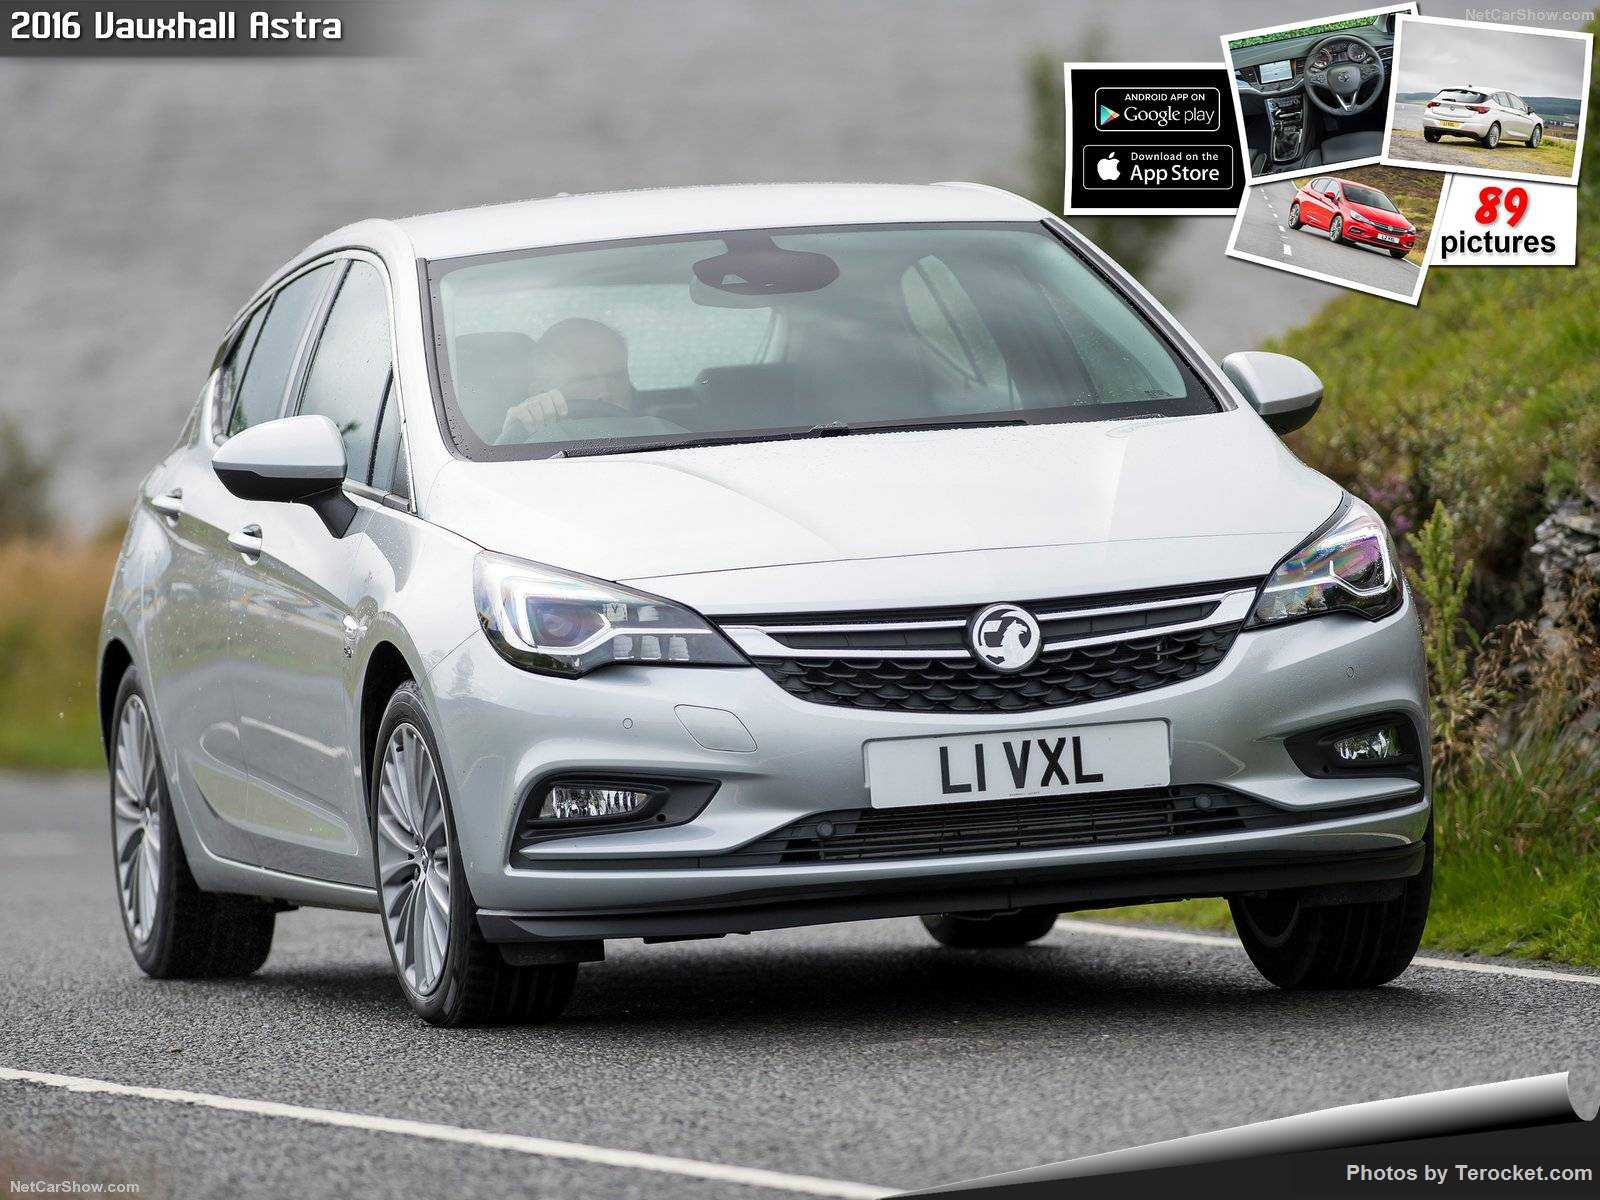 Hình ảnh xe ô tô Vauxhall Astra 2016 & nội ngoại thất